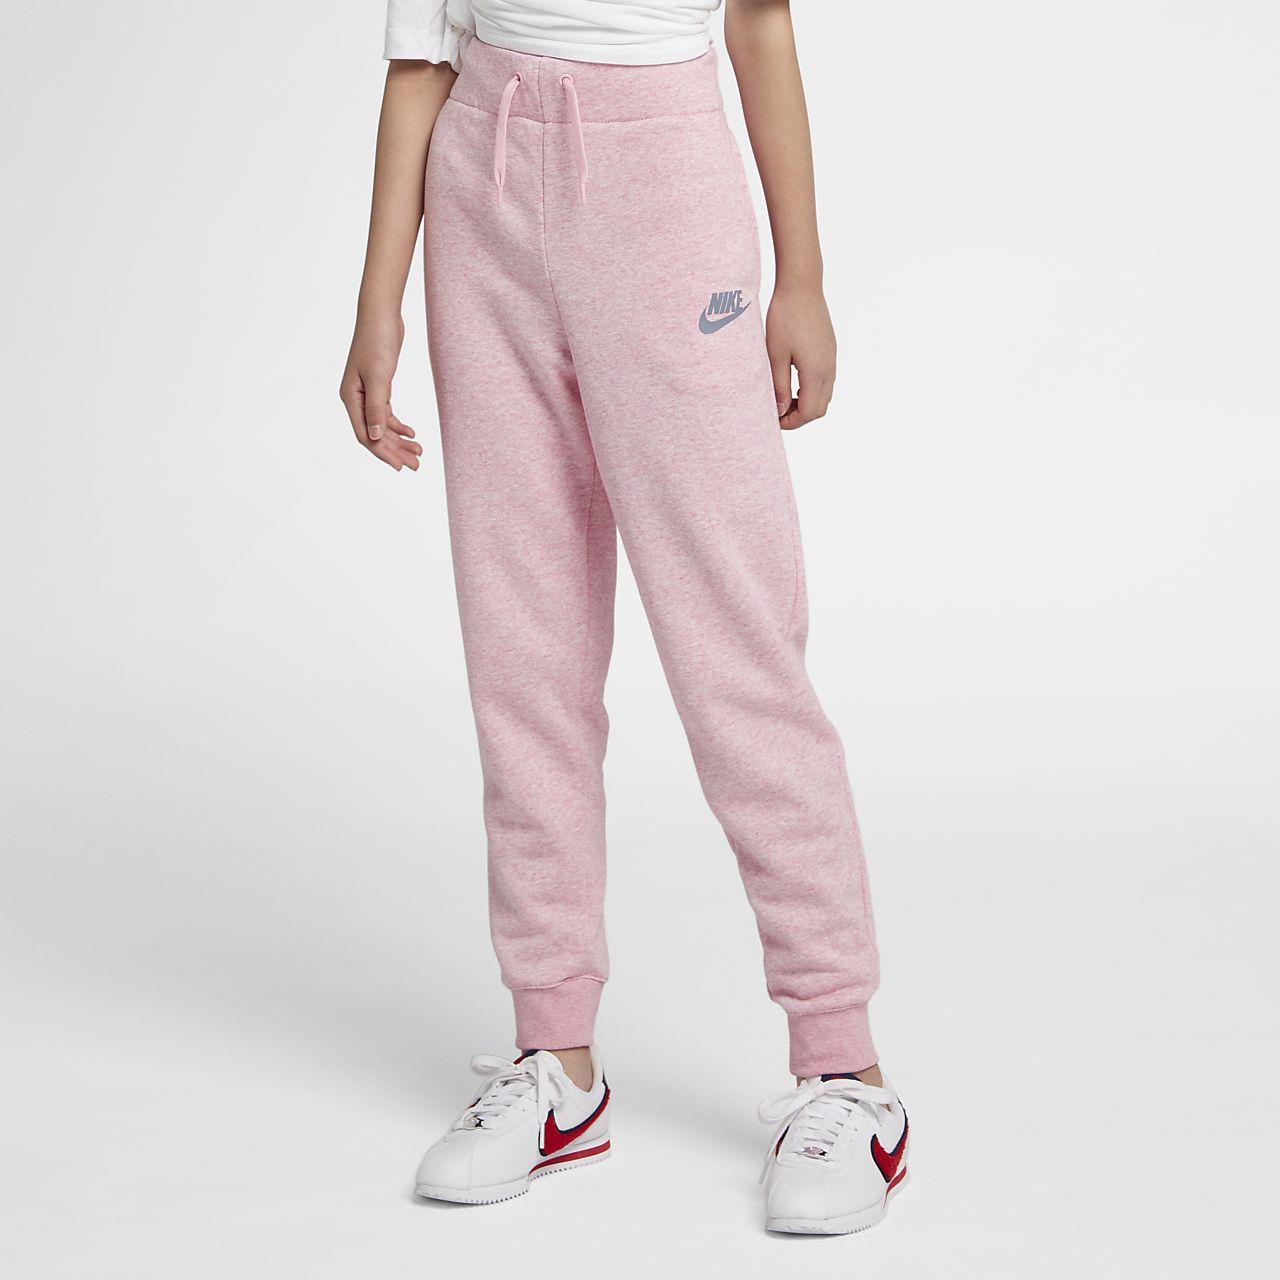 Plus Sportswear Pour Âgée Ch Fille Pantalon Nike wZqfWInBF